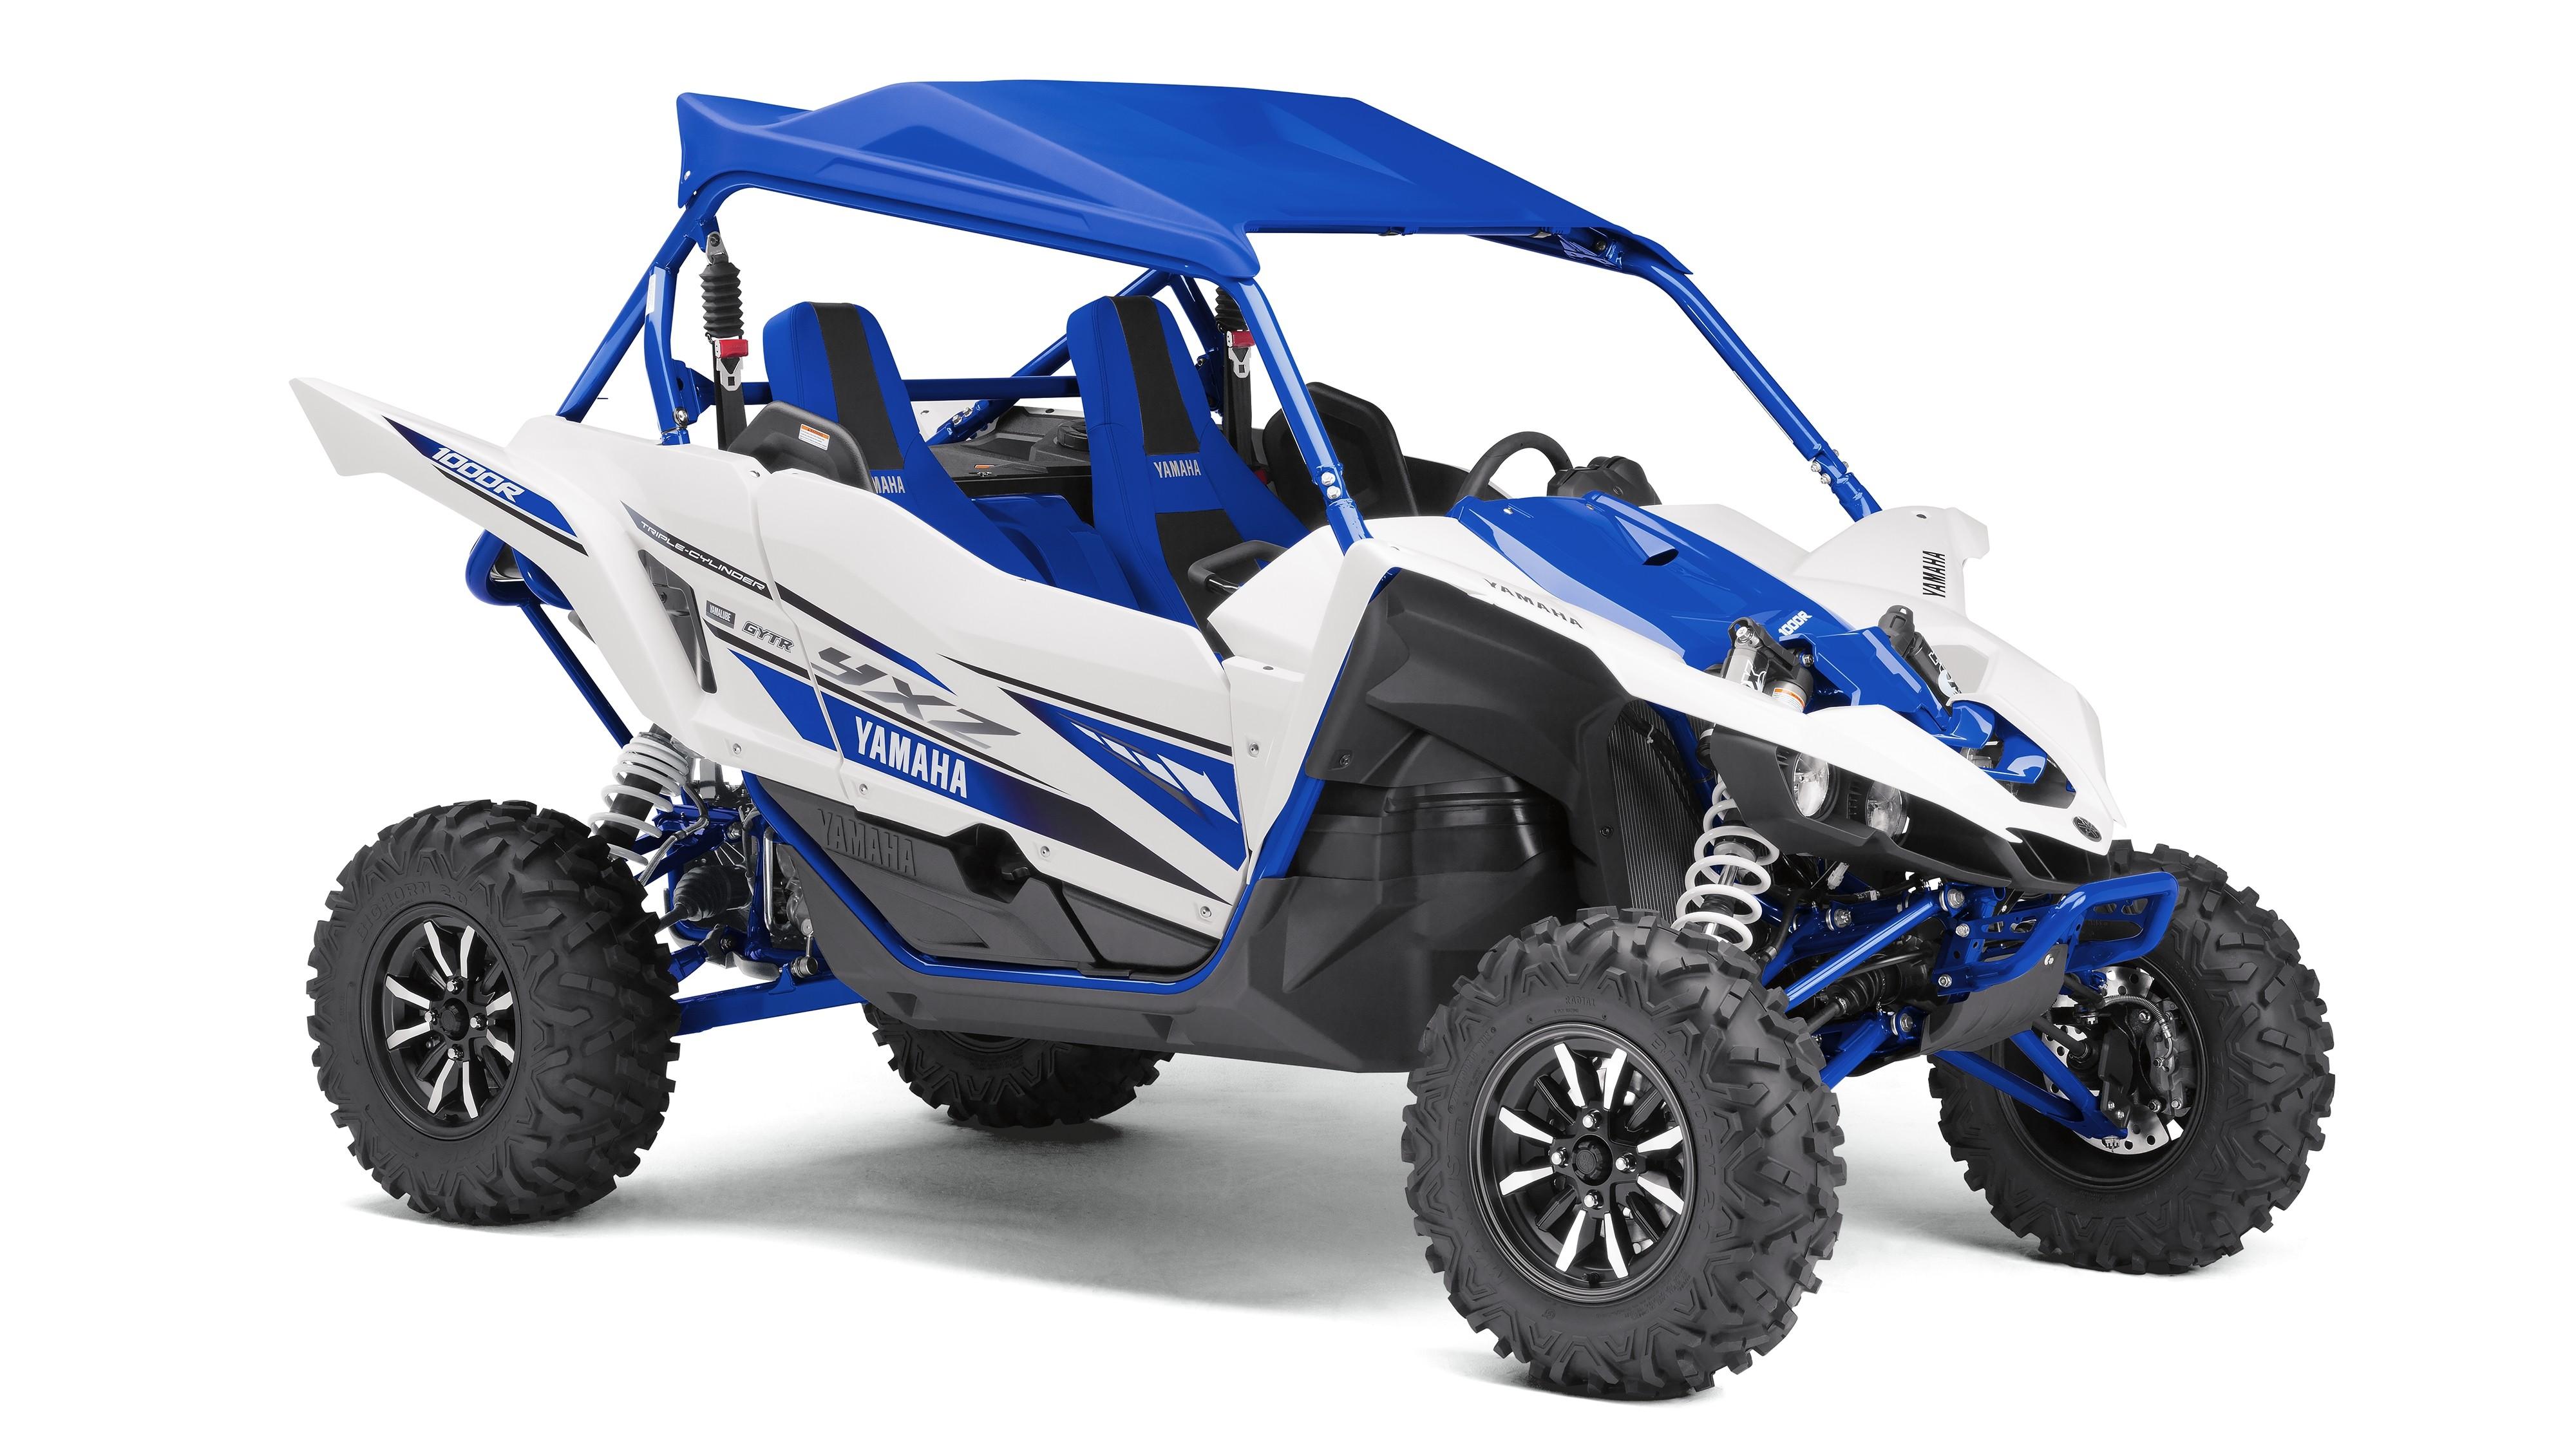 Yamaha Sxs News